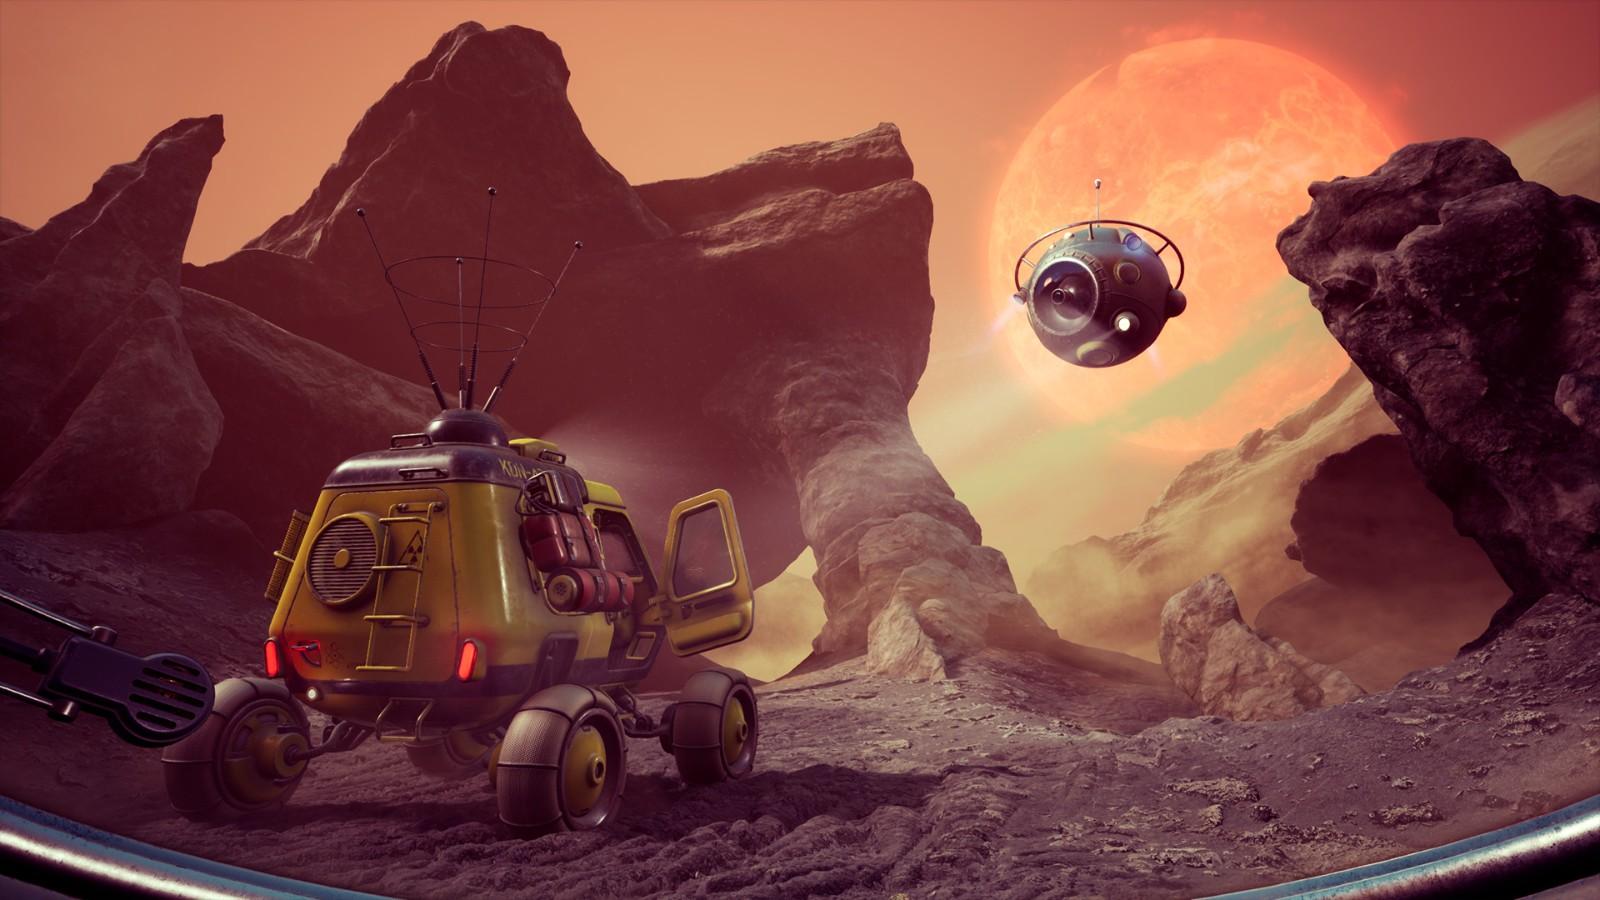 科幻游戏《不可战胜》新预告 虚幻4引擎打造预计2022年上市